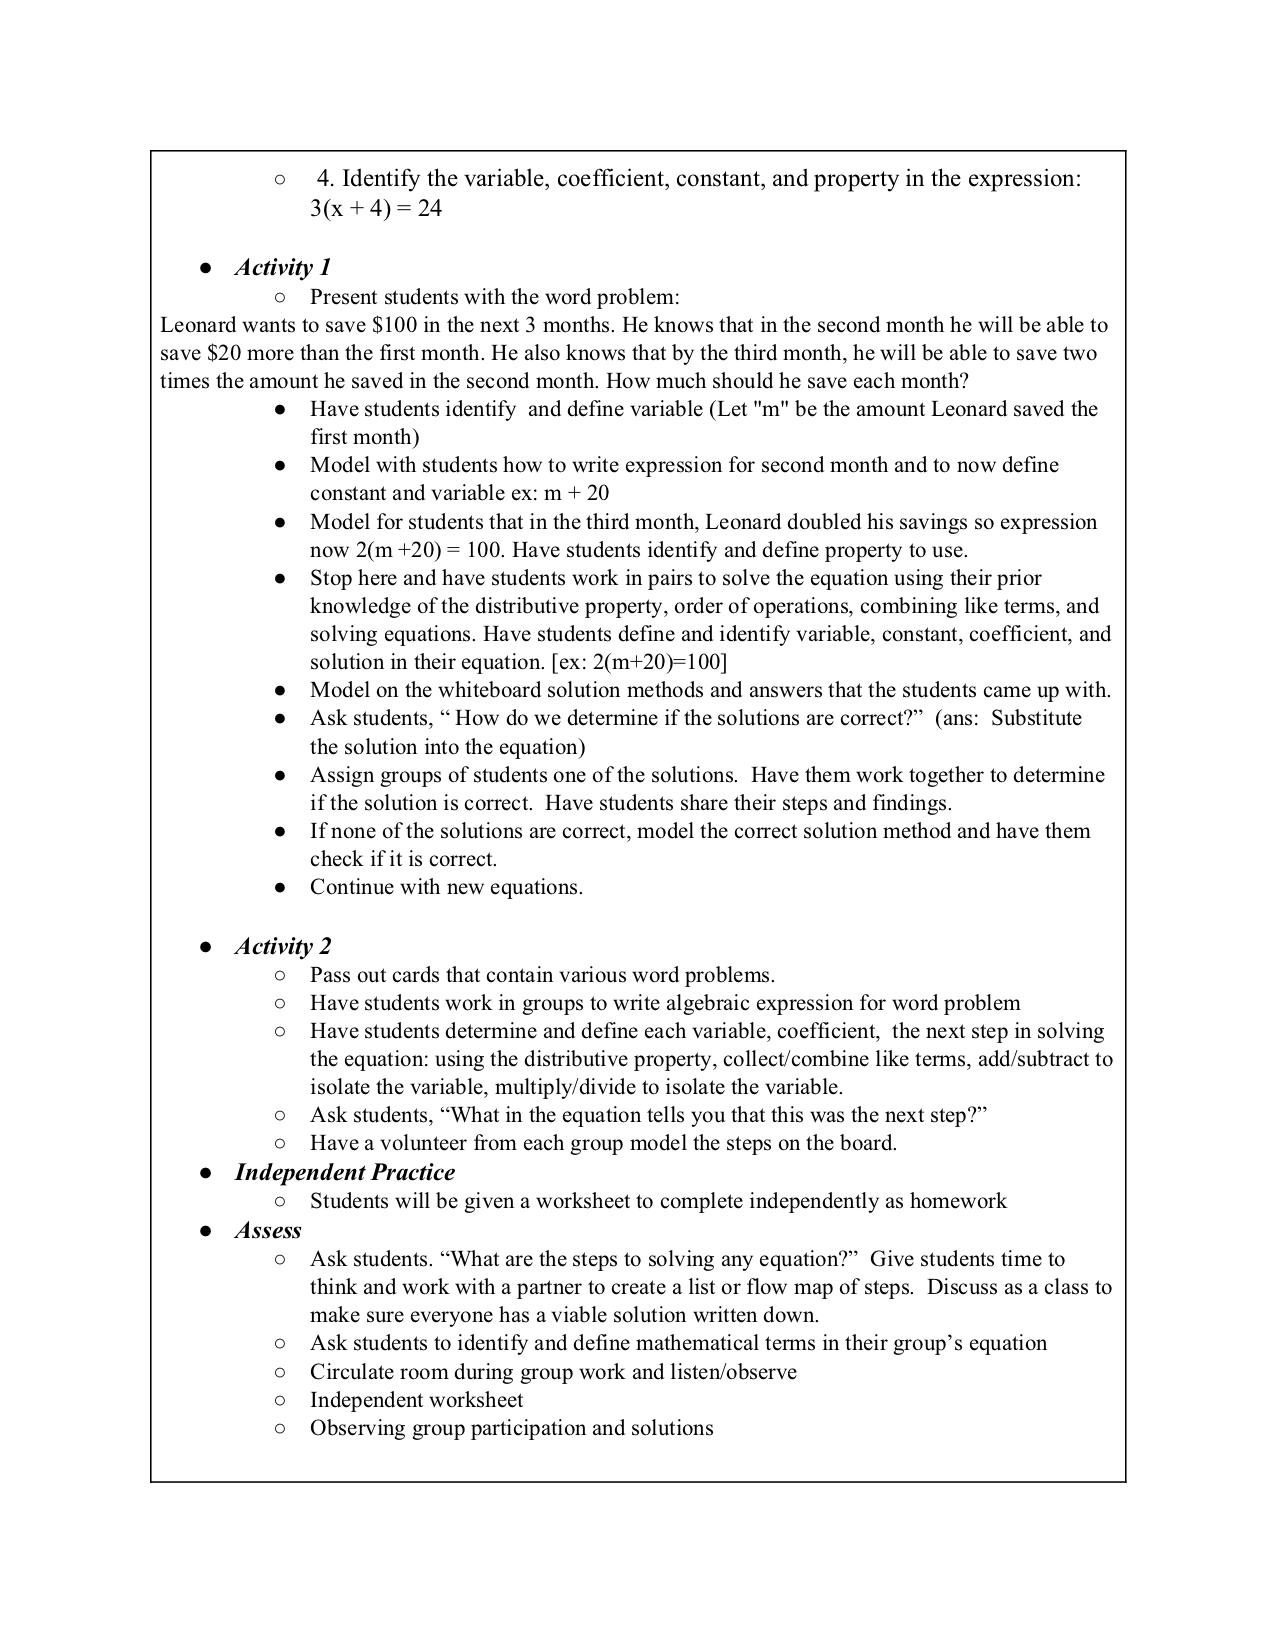 ITL-608 Literacy learning plan copy7.jpg